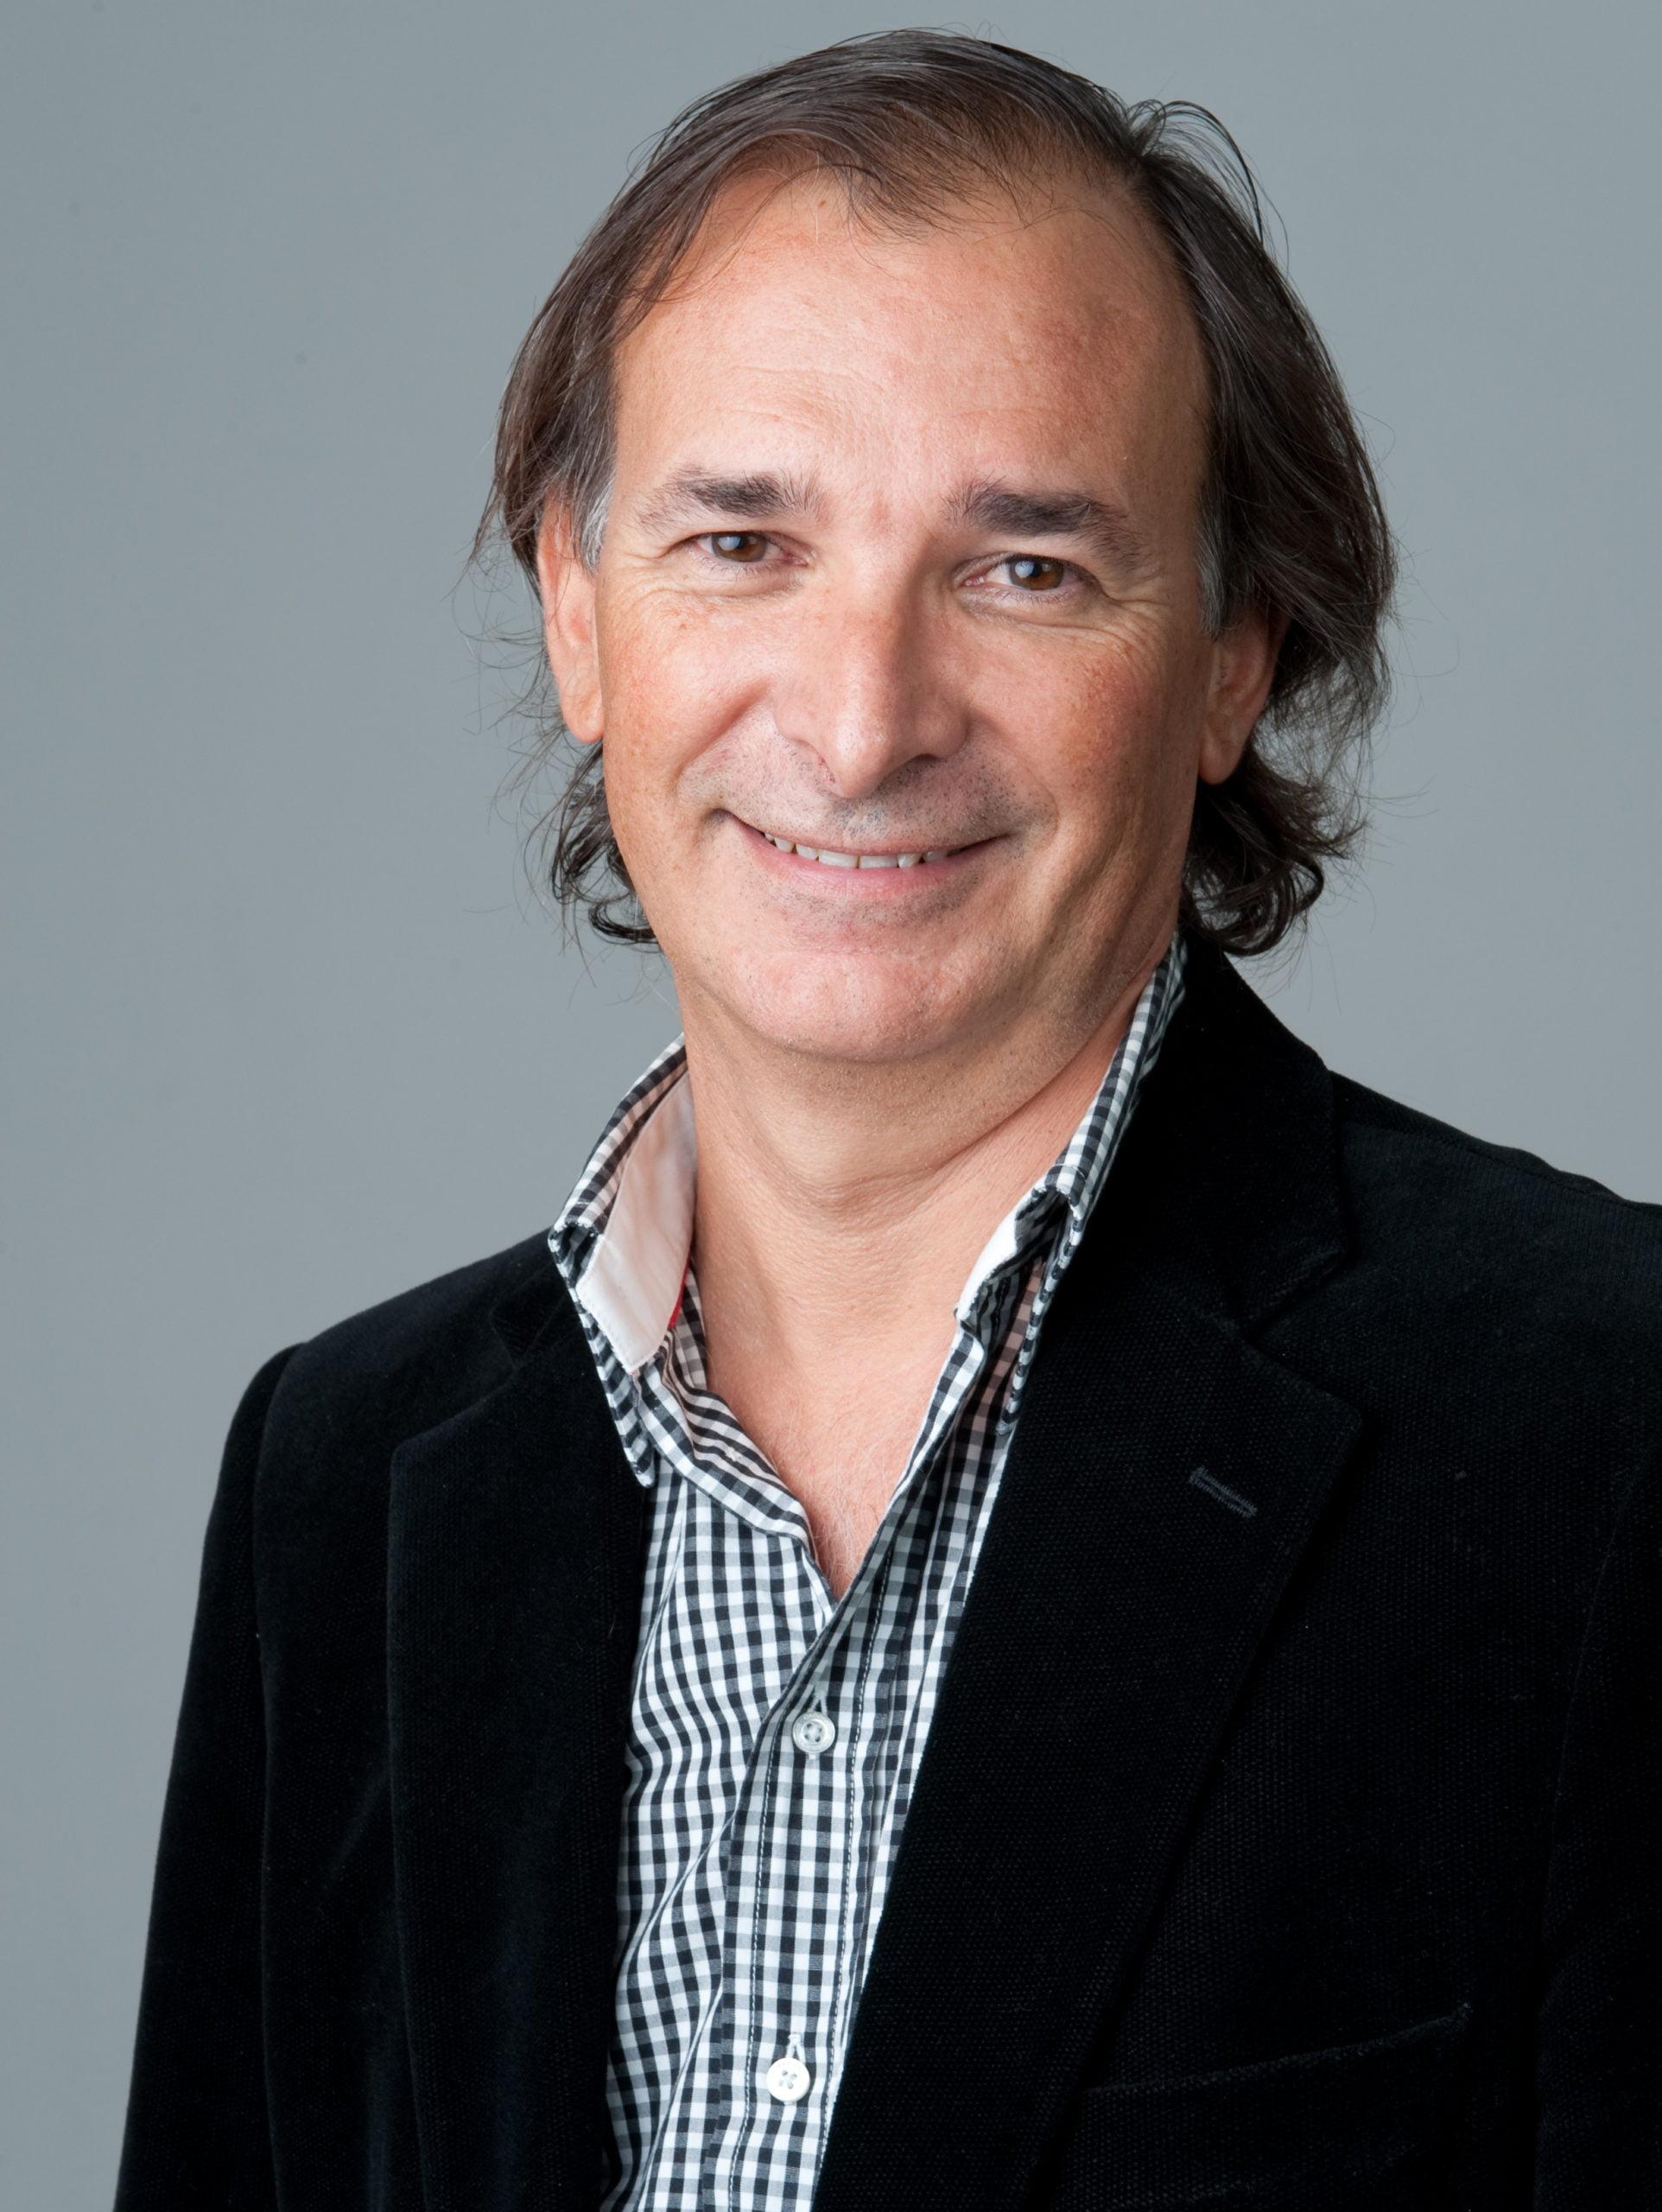 Jordi Montañés Biñana